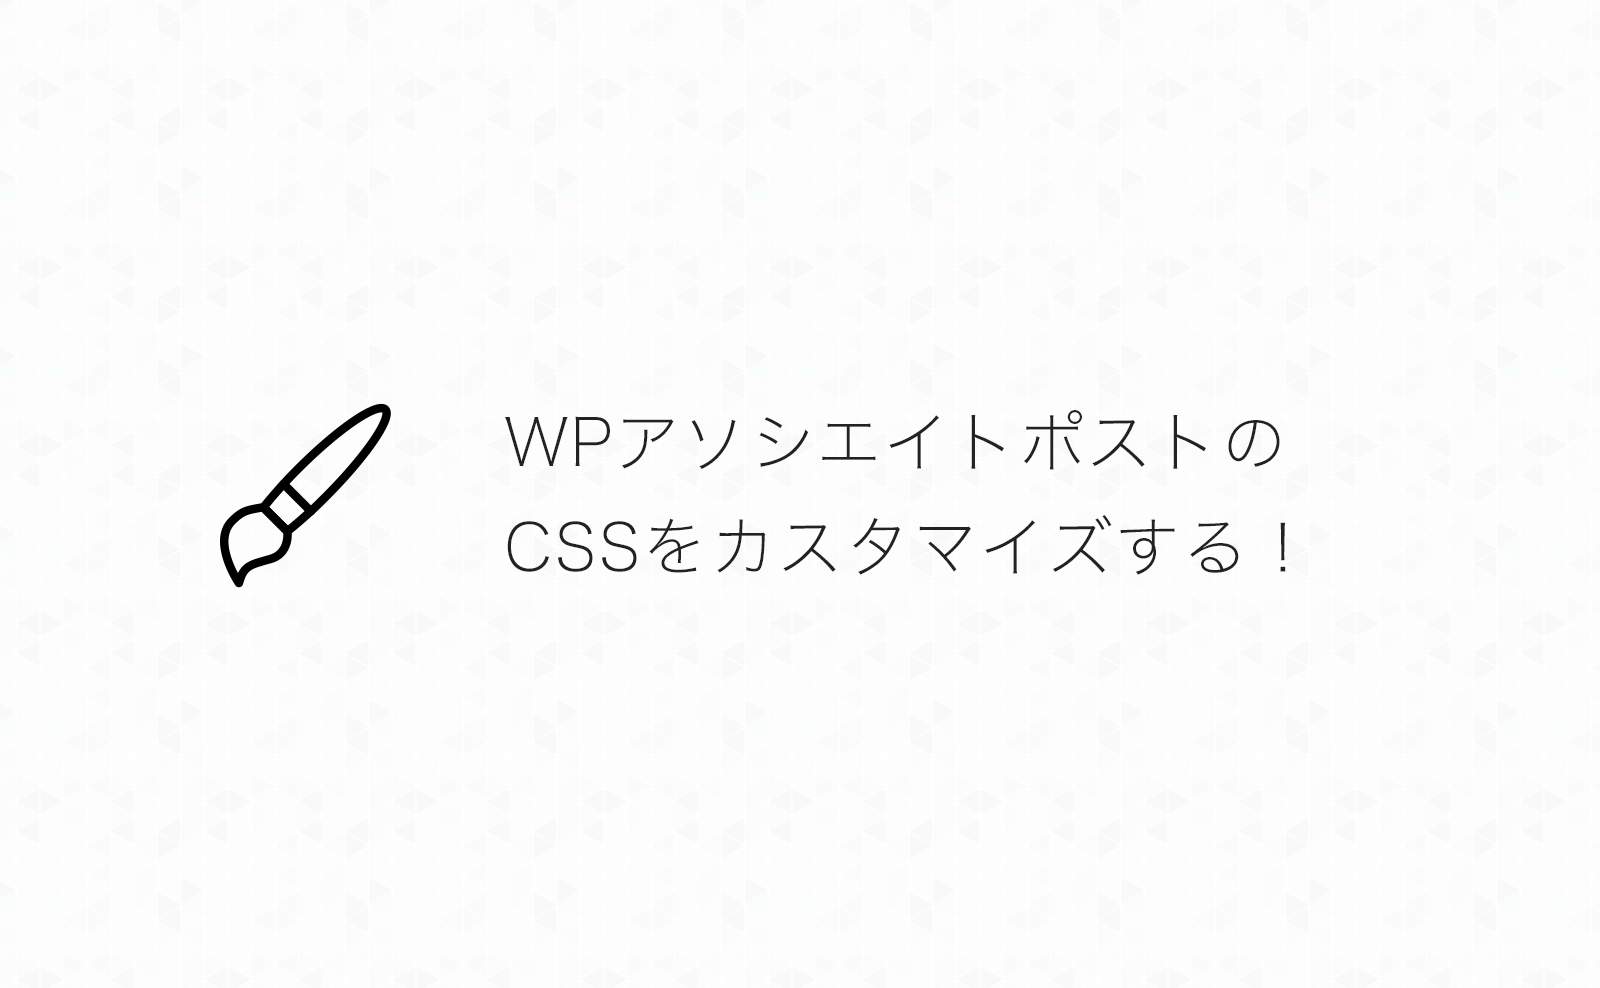 【WordPress】WPアソシエイトポストR2の商品リンクCSSをカスタマイズする方法(サンプルコードあり)